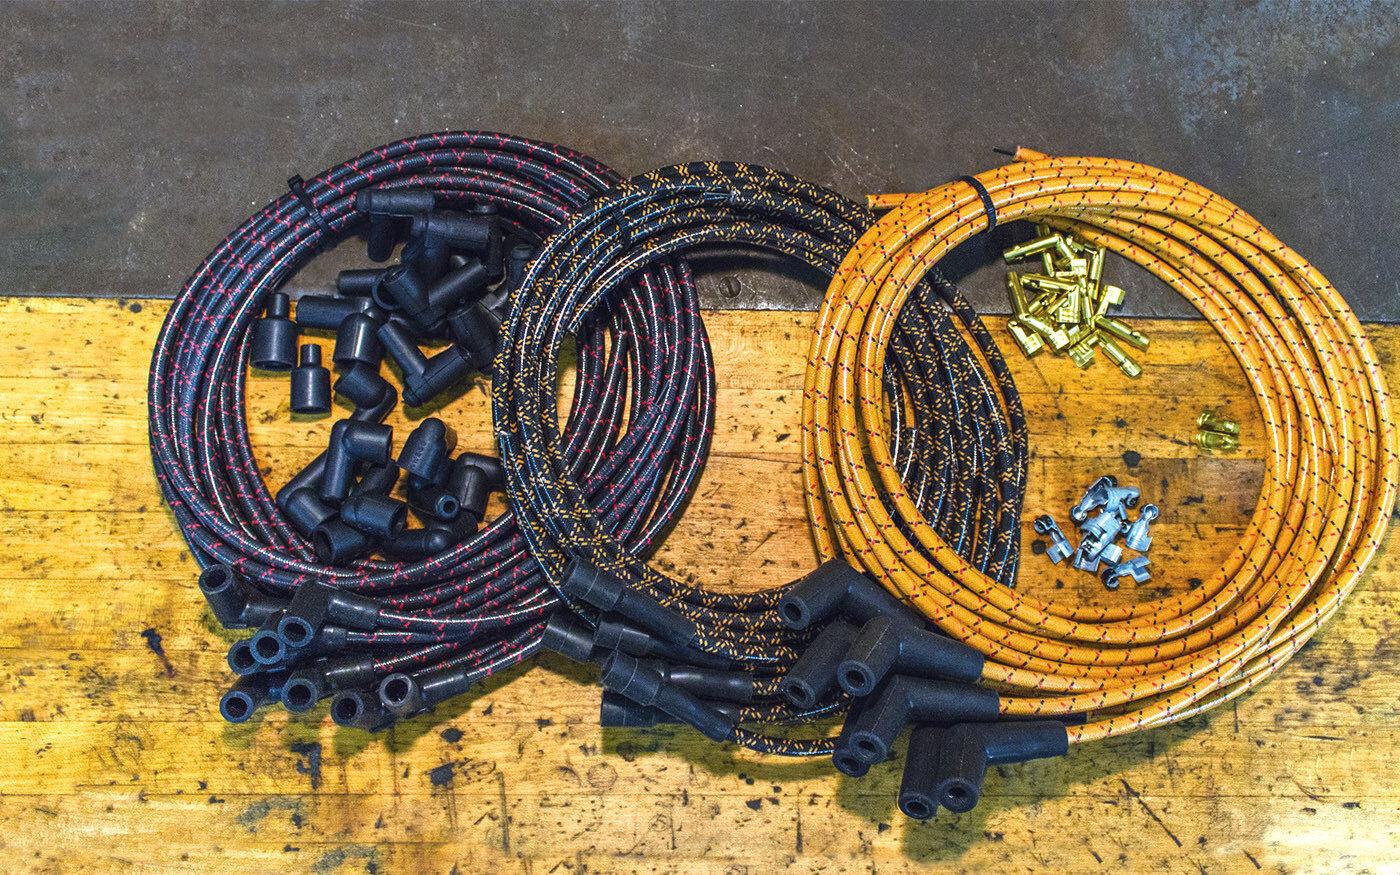 Old- look spark plug wires | ReinCarNation Magazine Vintage Spark Plug Wires on harley plug wires, vintage sportster plug wires, vintage ignition coil, 426 hemi plug wires, vintage spark coil, vintage turn signals, vintage light bulbs, lightning bug plug wires, vintage ignition wires, vintage mirrors, vintage gauges,